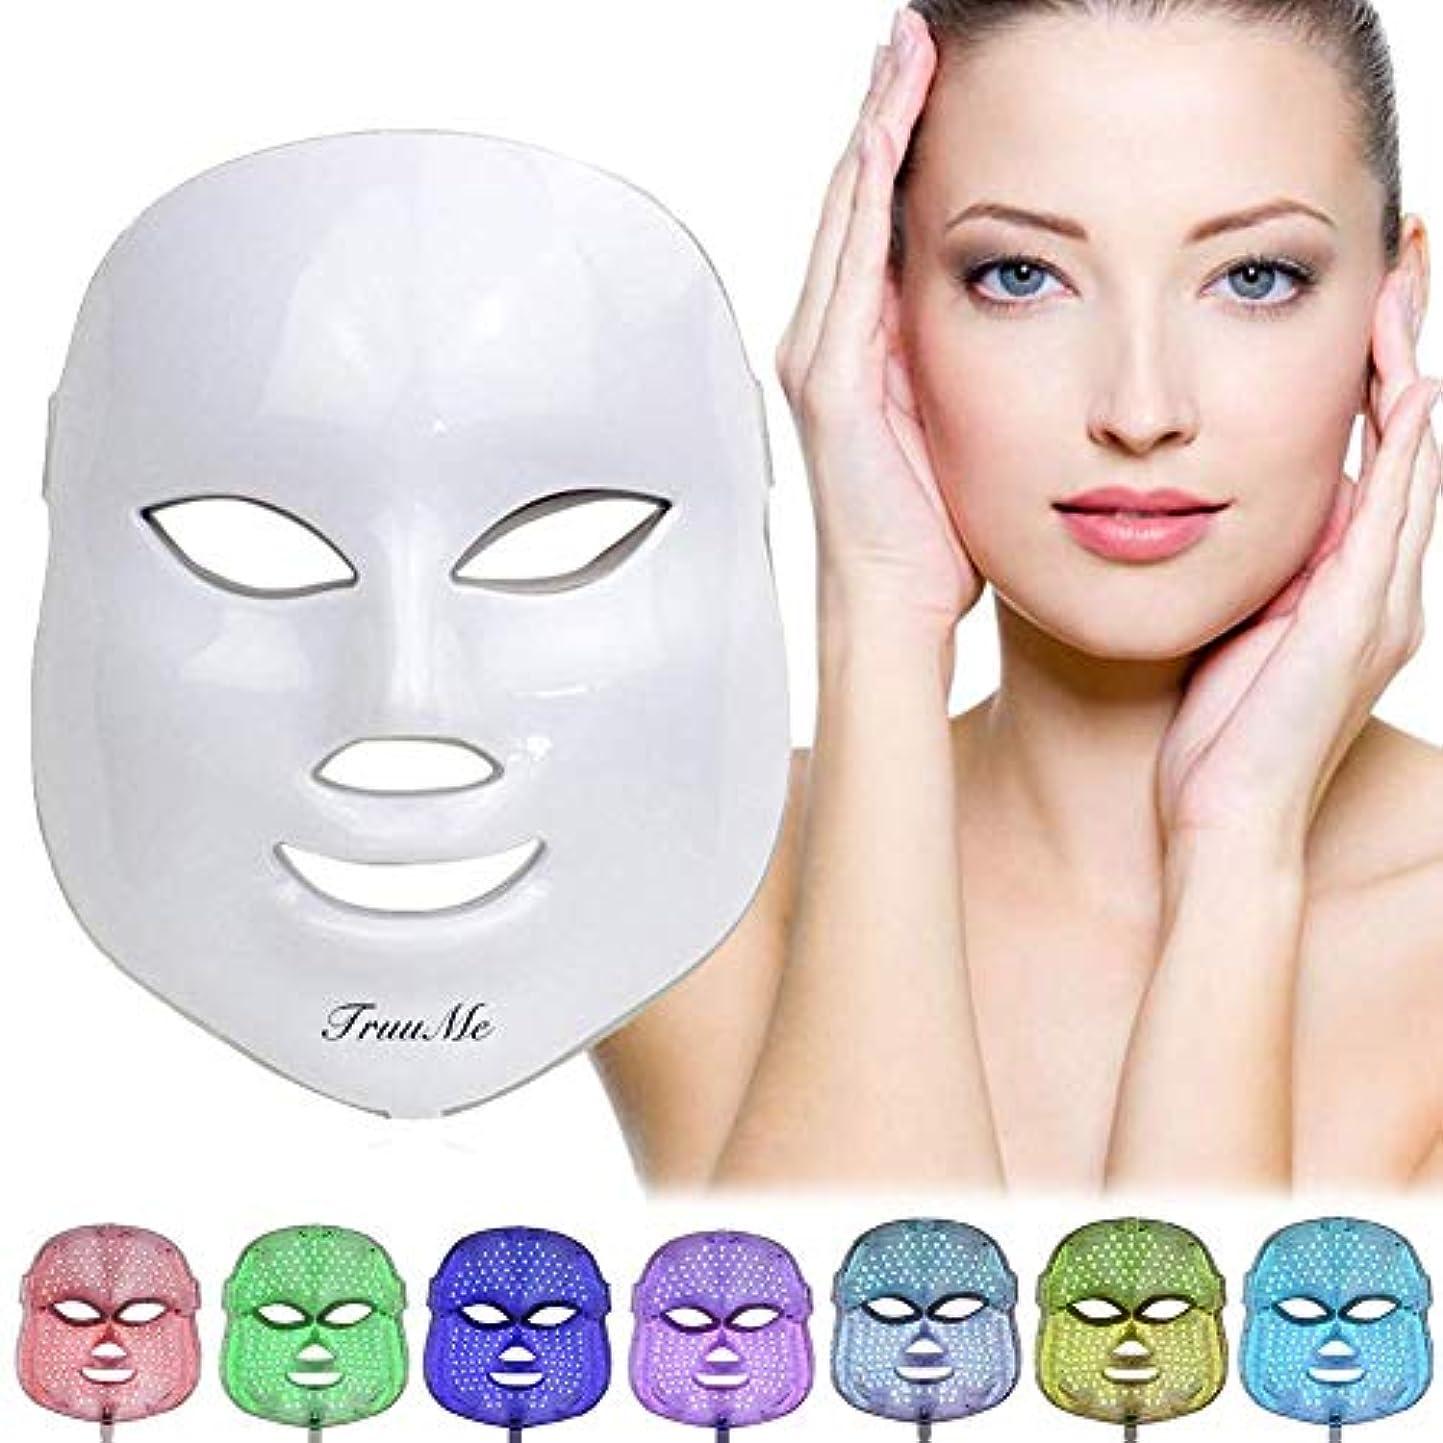 所持浸す最悪LEDフェイスマスク、ライトセラピーニキビマスク、LEDフェイシャルマスク、光線療法マスク、LEDエレクトリックフェイシャルマスク、7色光治療、ニキビ治療用マスク、斑点、にきび、皮膚のシミ